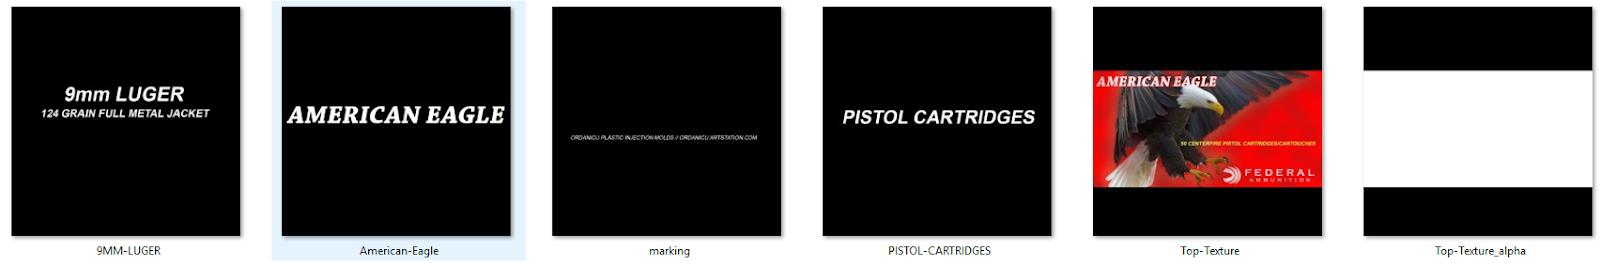 ammoboxcustom.png.2d3dea0b0180348b322c7cb089a44d2d.png